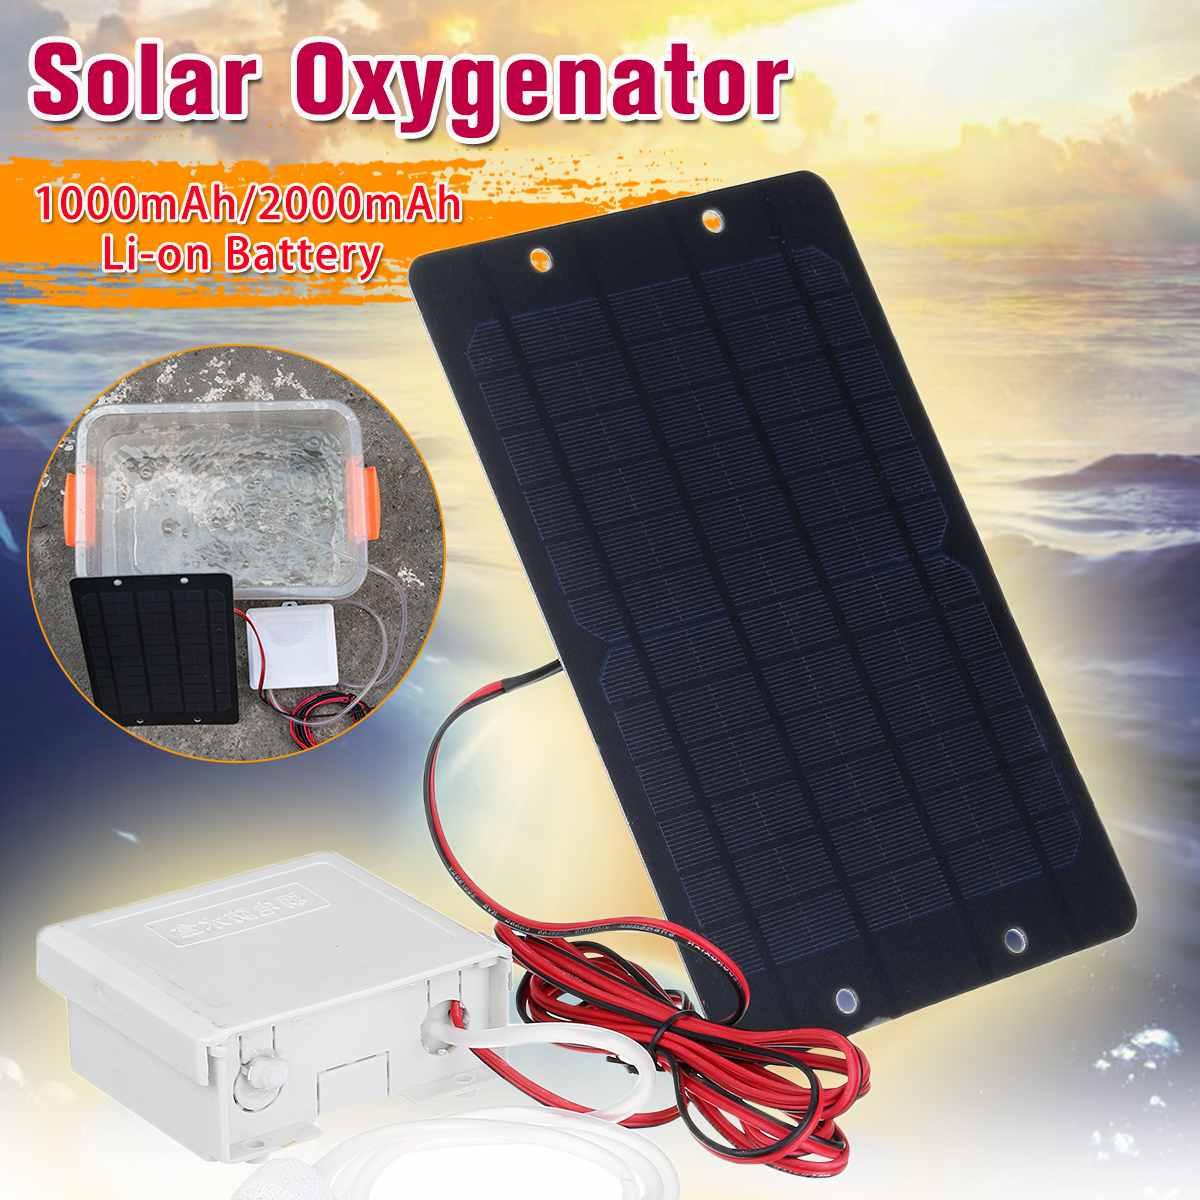 5W Solar Panel Wasser Sauerstoff Pumpe für Aquarium Angeln Tank Teich Oxygenator Belüfter Luftpumpe Wiederaufladbare